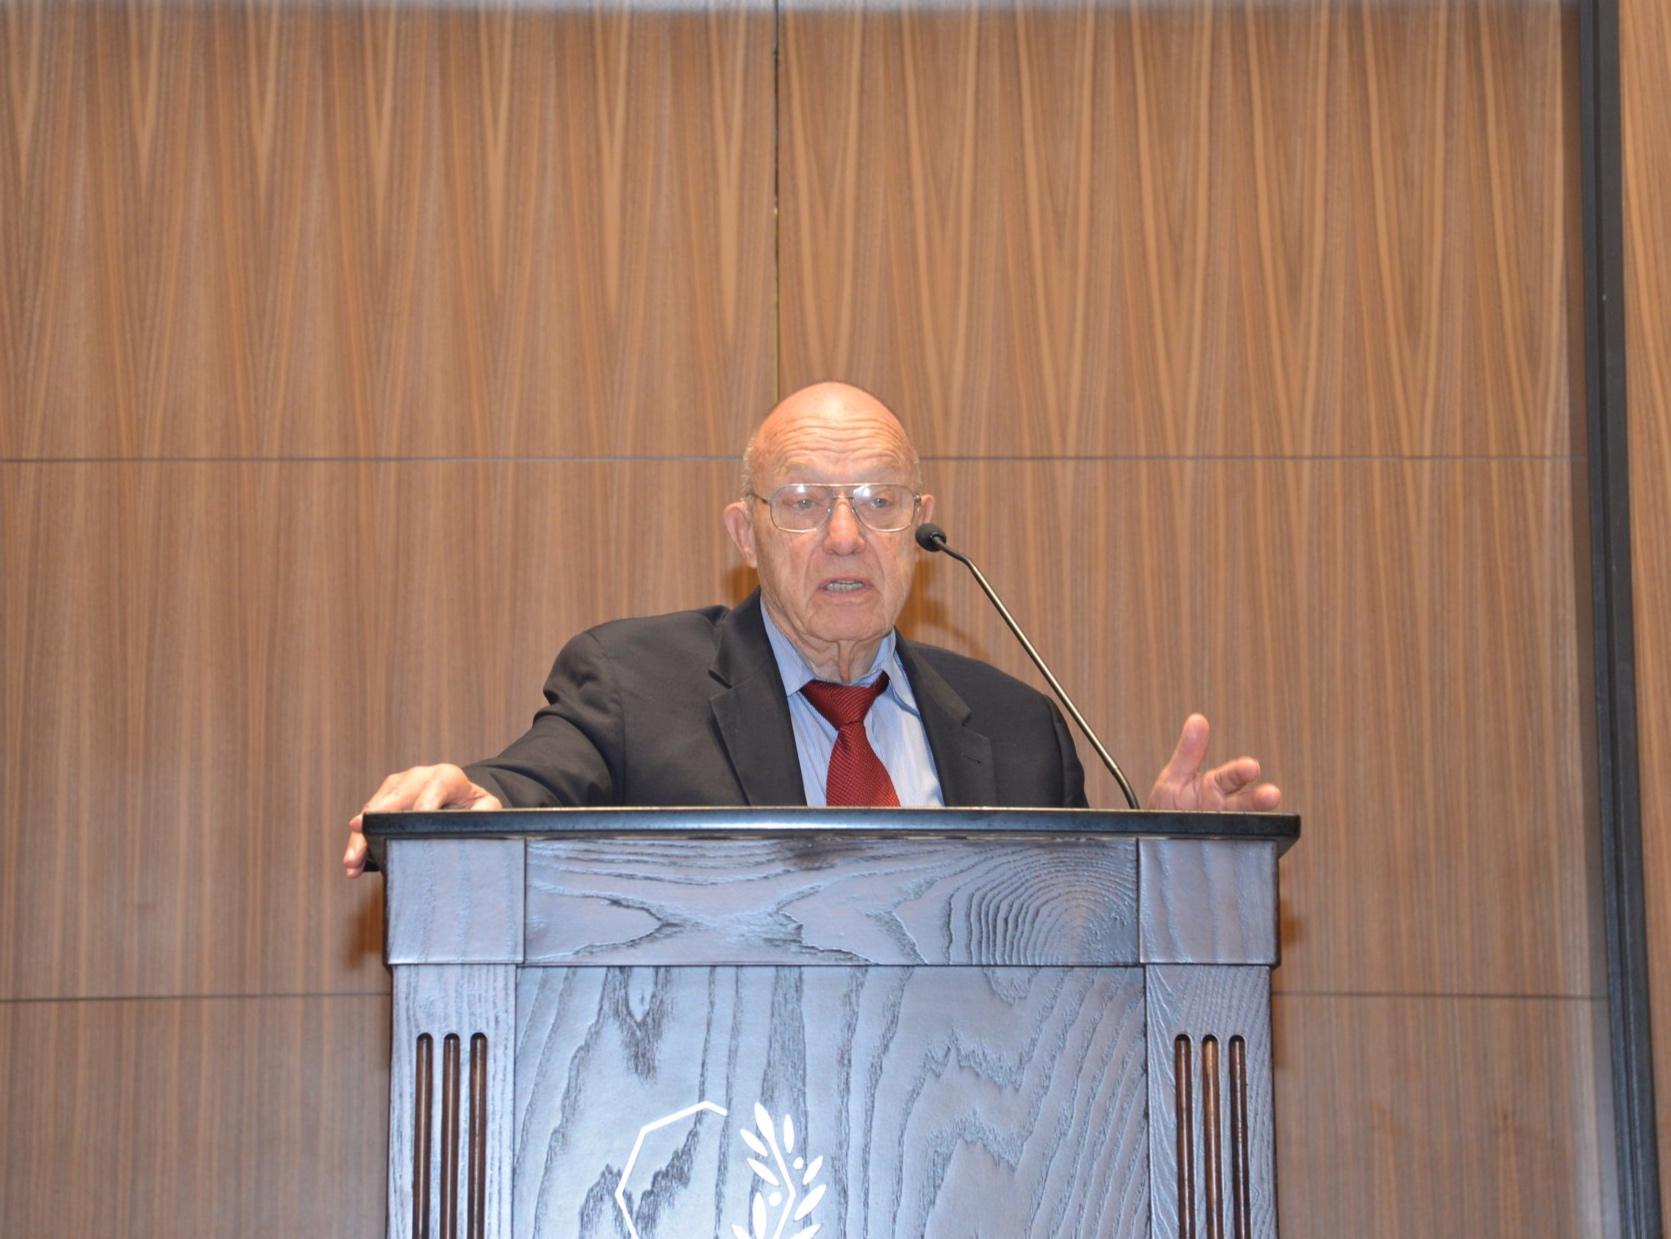 John Casani